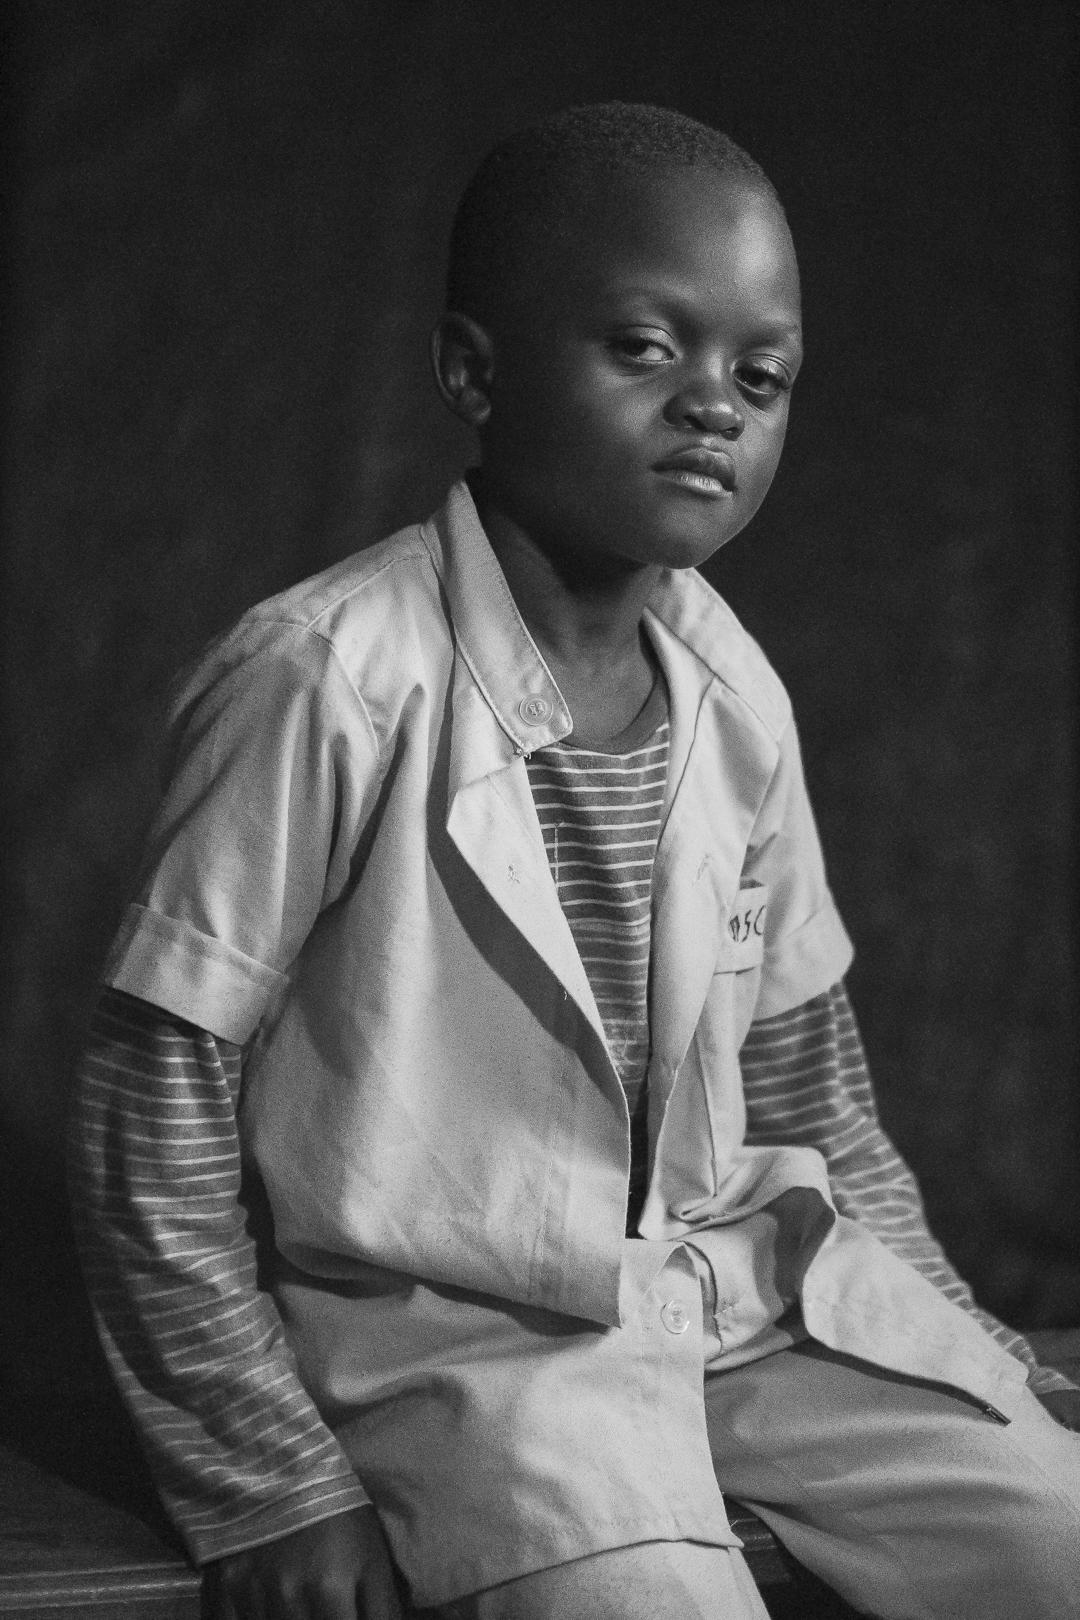 Oscar | 8 years old